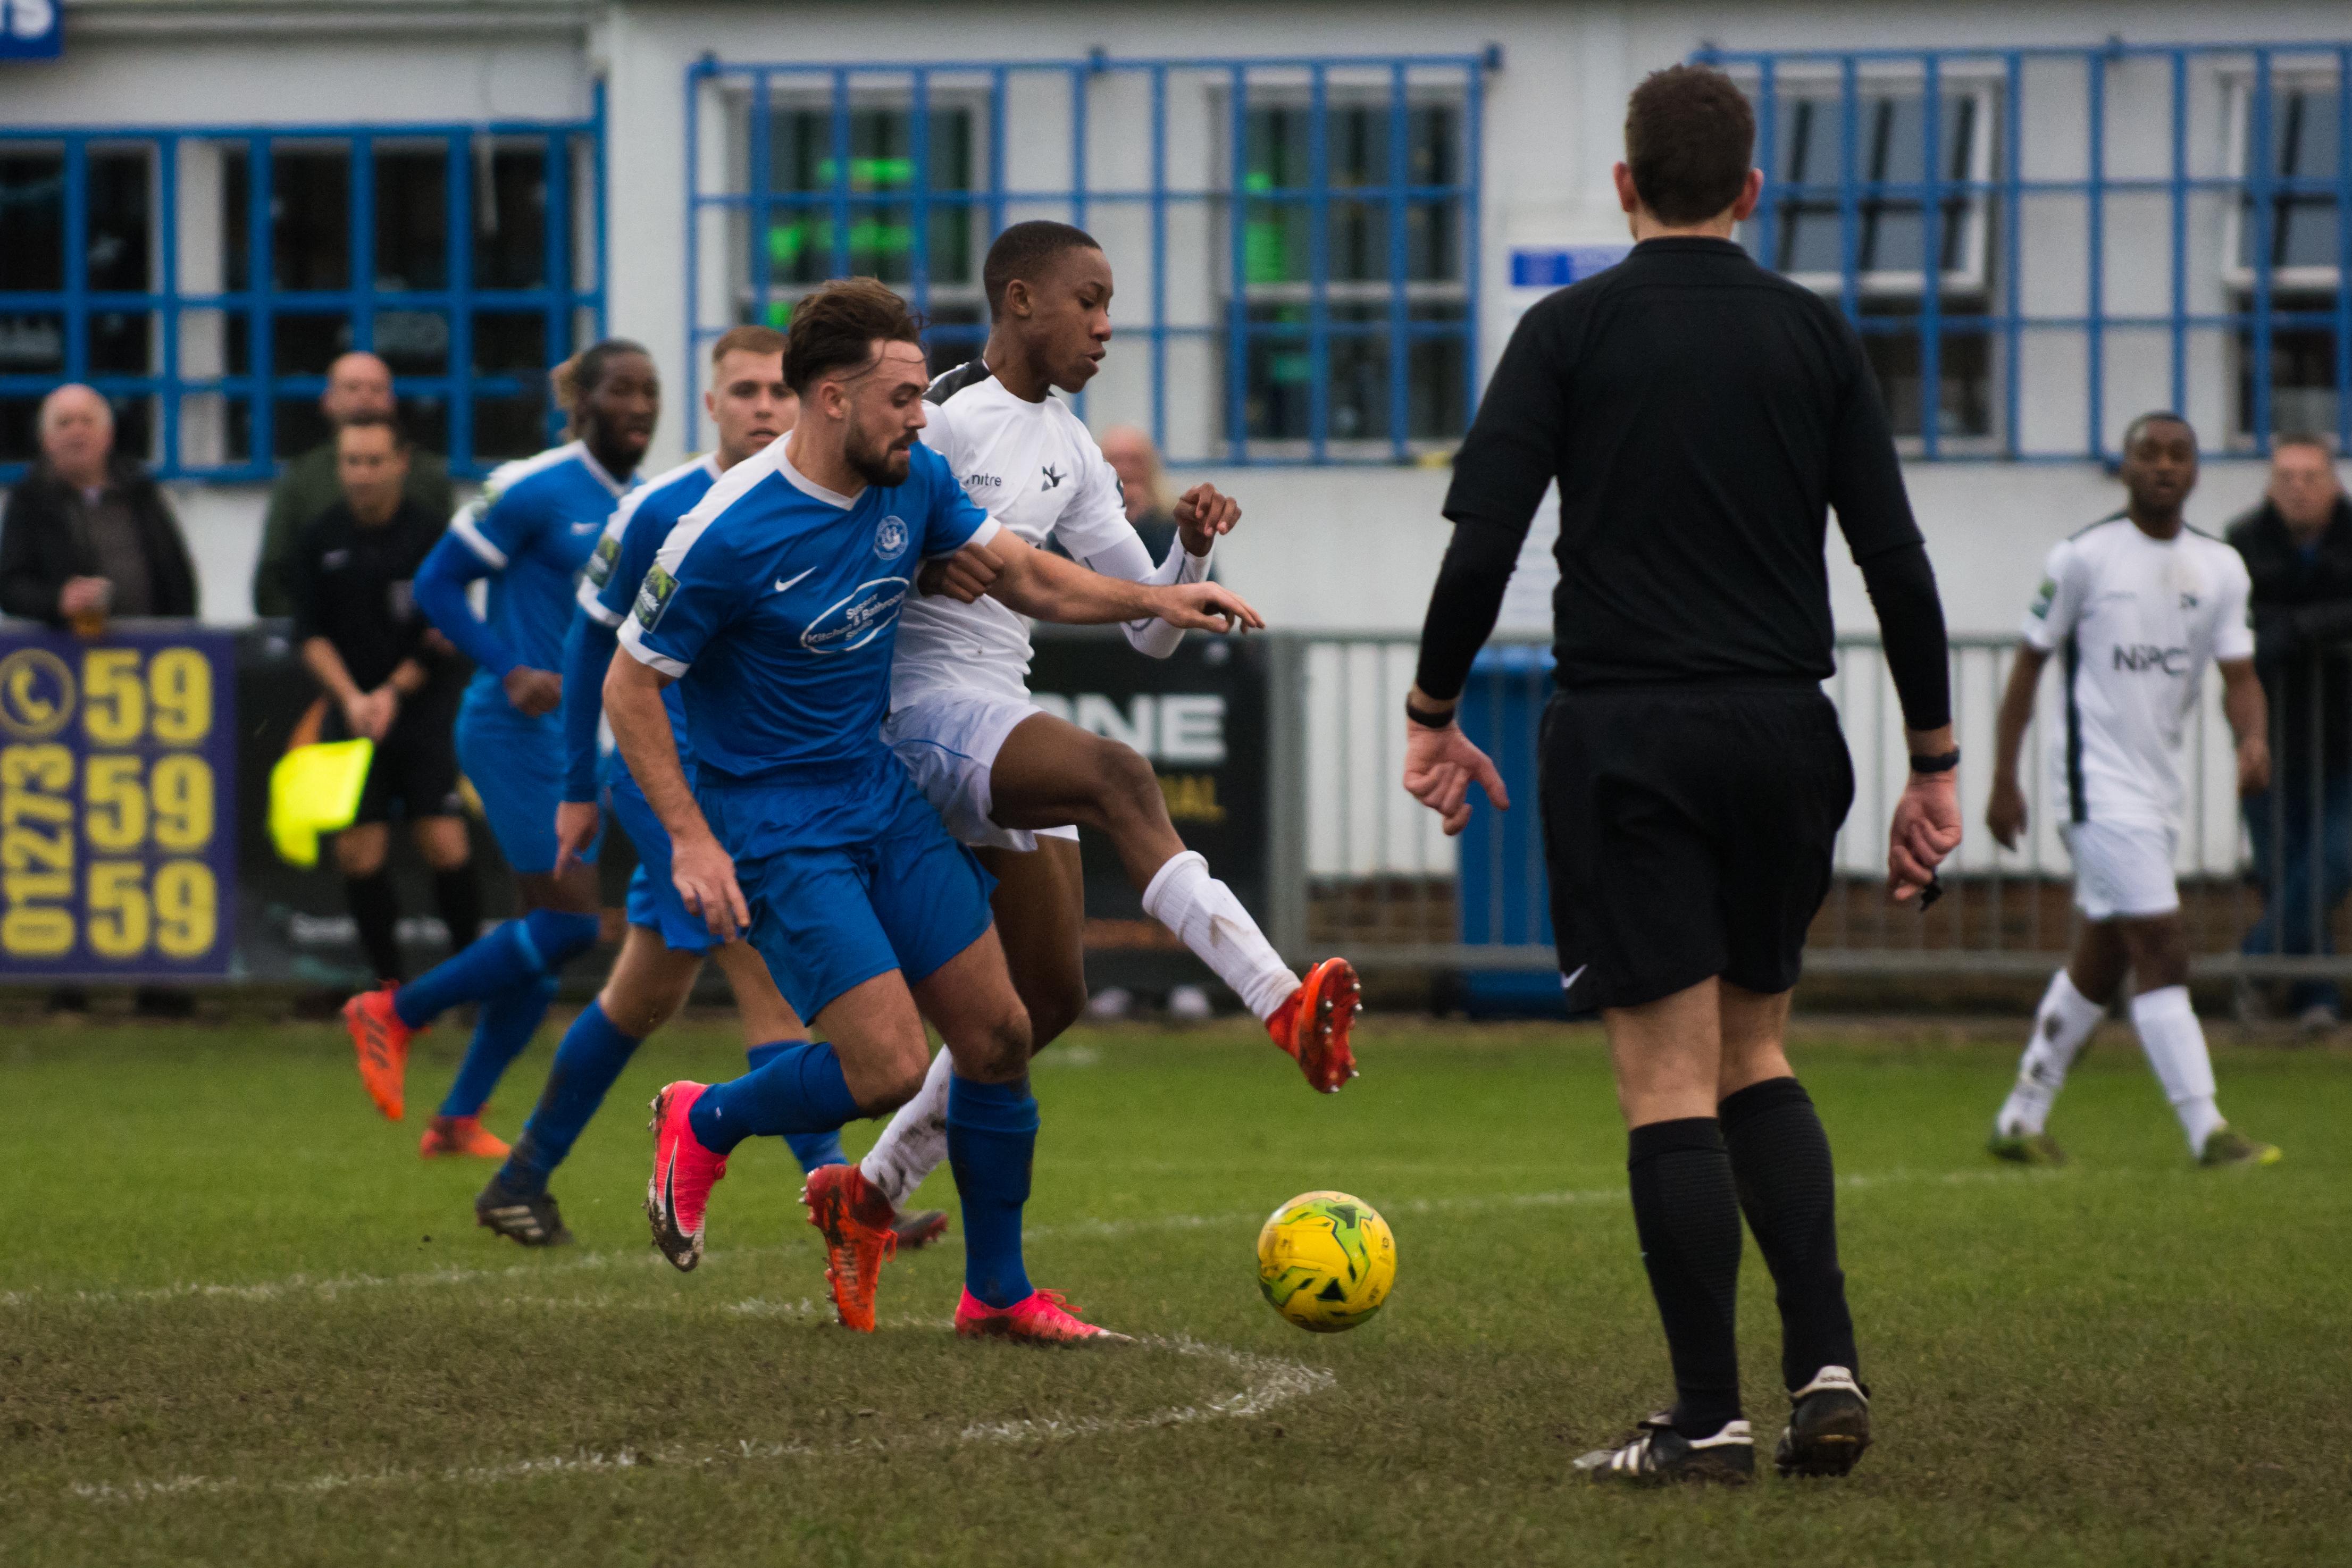 Shoreham FC vs Carshalton Ath 23.12.17 70